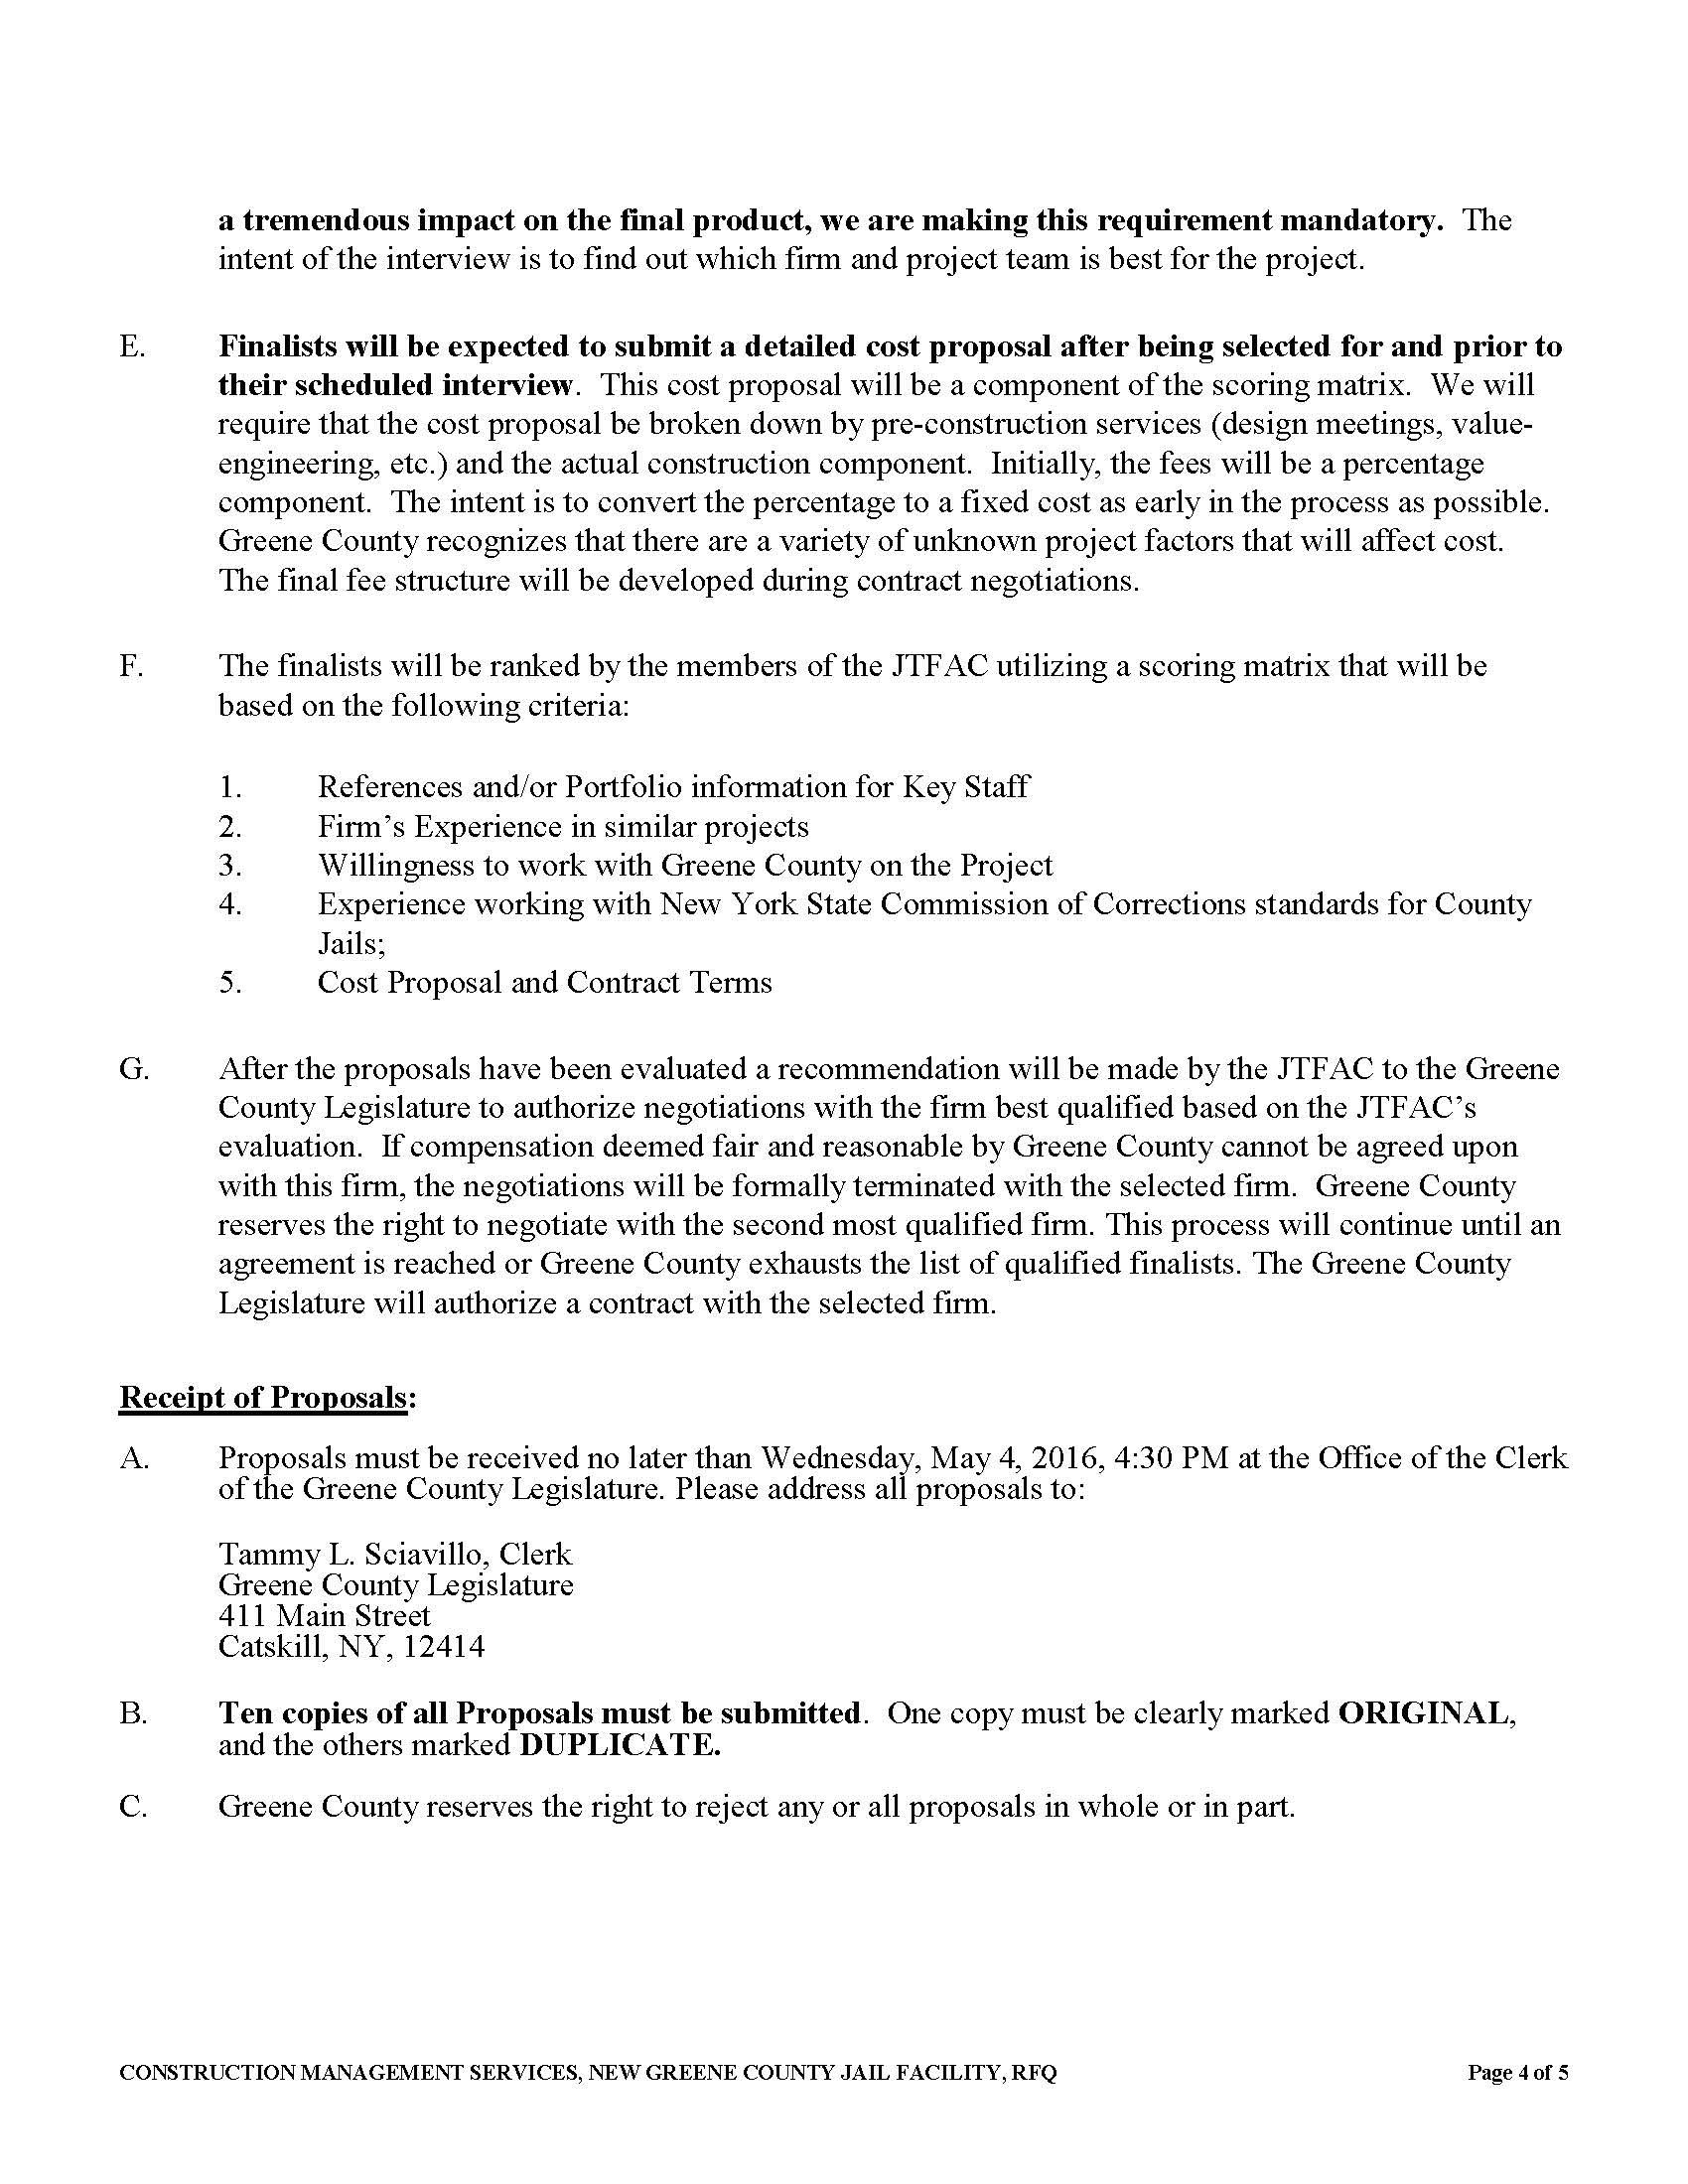 Jail Construction Management Services RFQ_Page_4